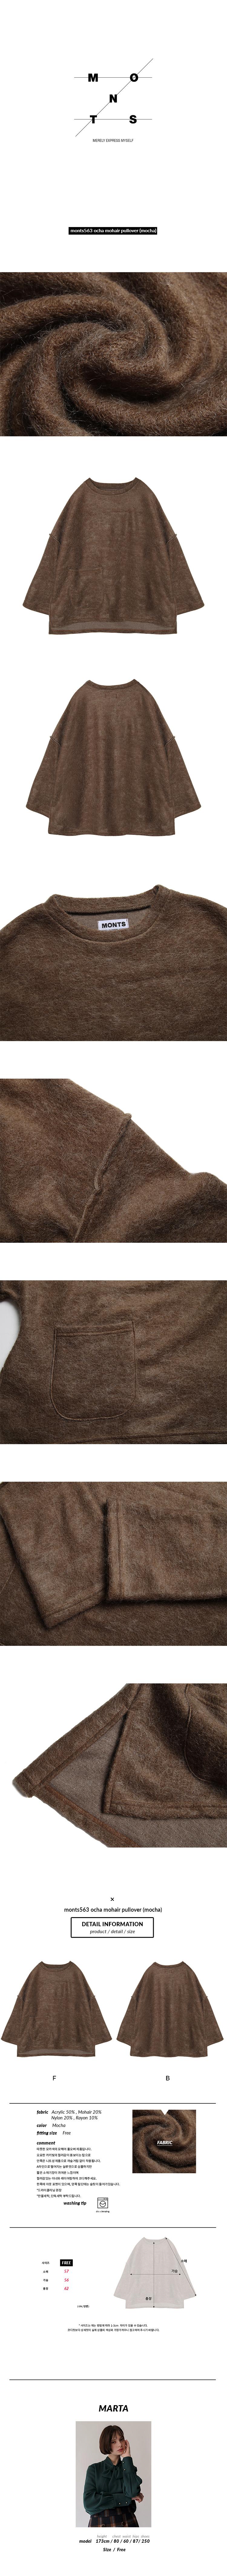 몬츠(MONTS) monts563 ocha mohair pullover